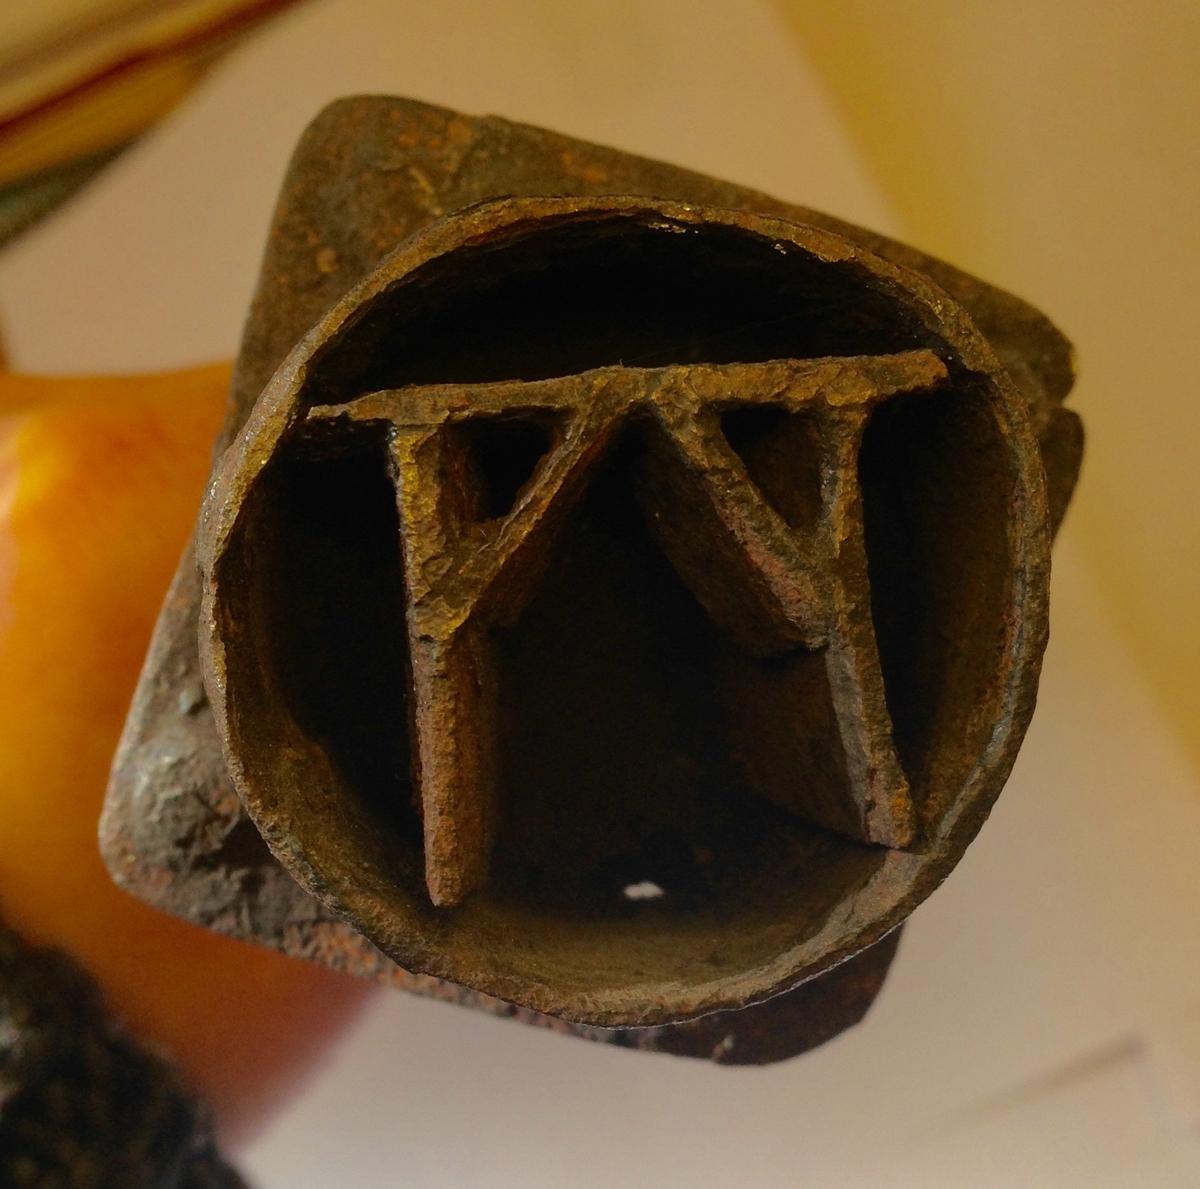 Sirkelformet brennjern med galgesymbol. Brennjernet er festet til fire stag som er smidd sammen til en tange påmontert et dreiet treskaft med holk.